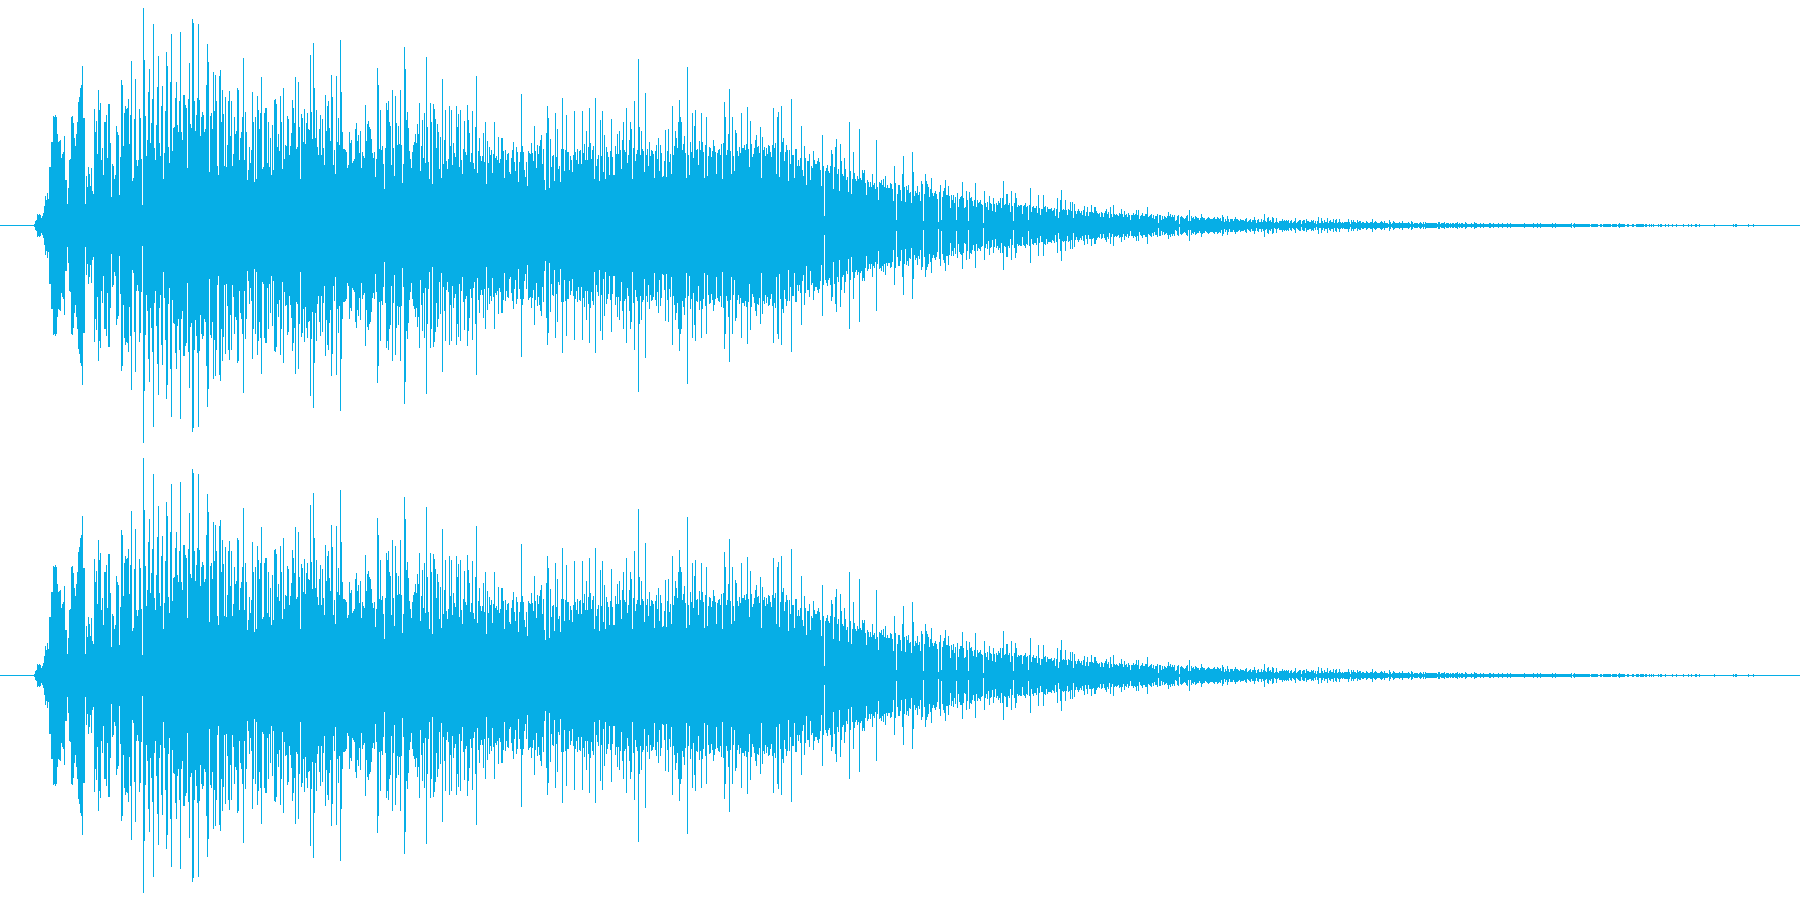 サウンドロゴ9の再生済みの波形